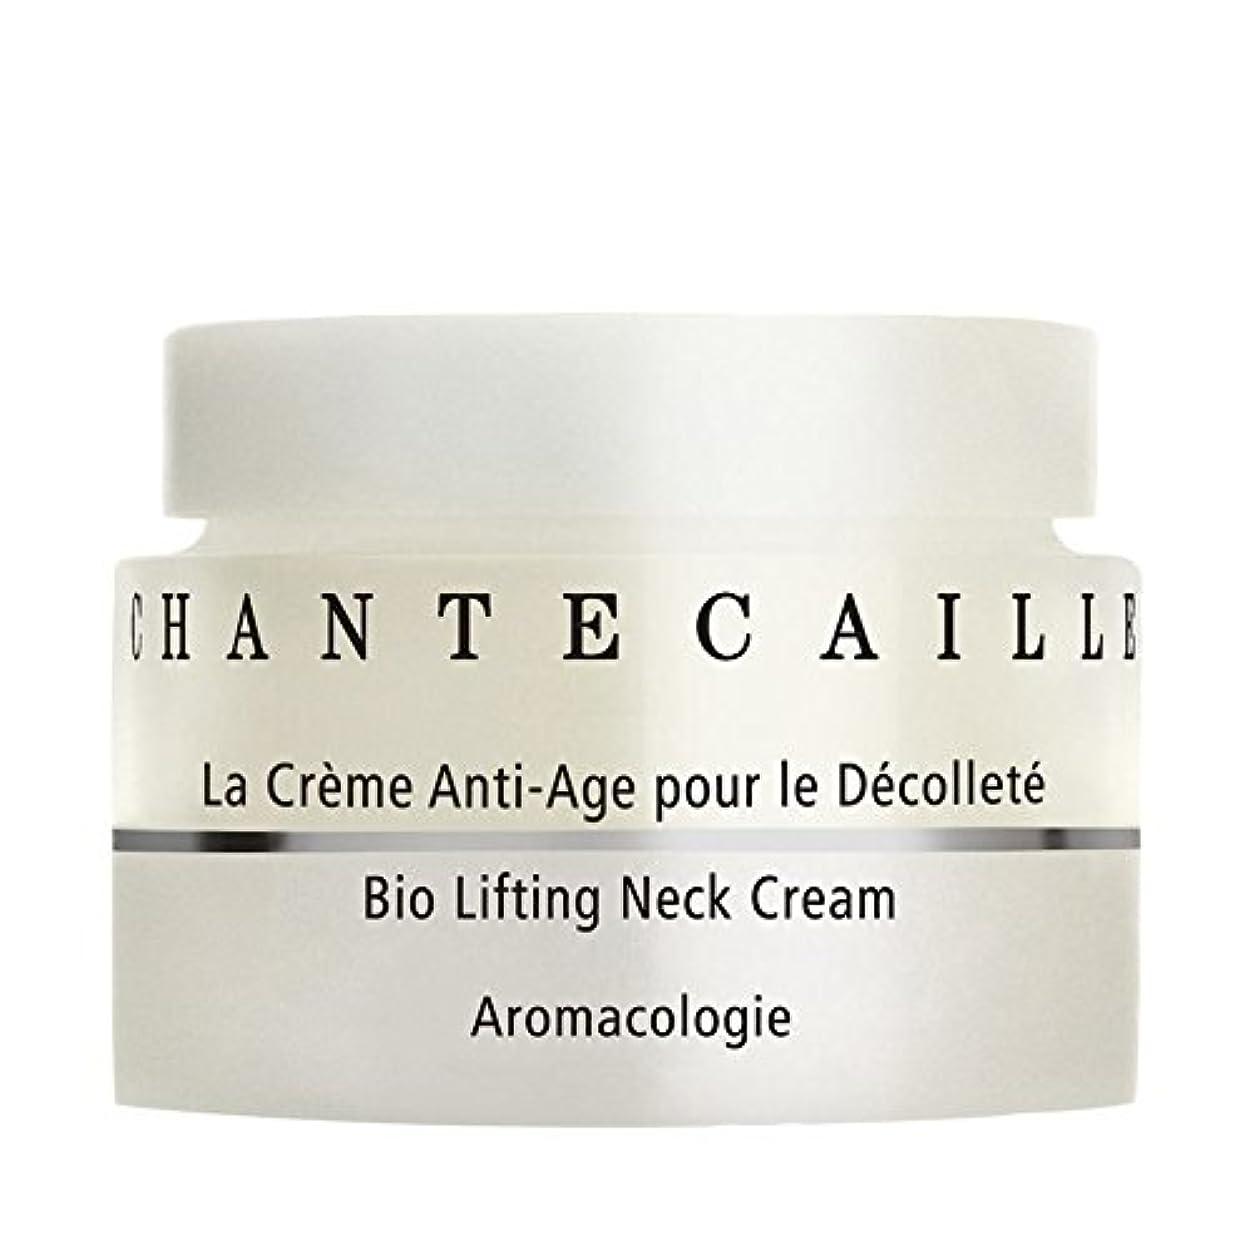 レンチ説明豆腐Chantecaille Biodynamic Lifting Neck Cream, Chantecaille - シャンテカイユバイオダイナミックリフティングネッククリーム、シャンテカイユ [並行輸入品]